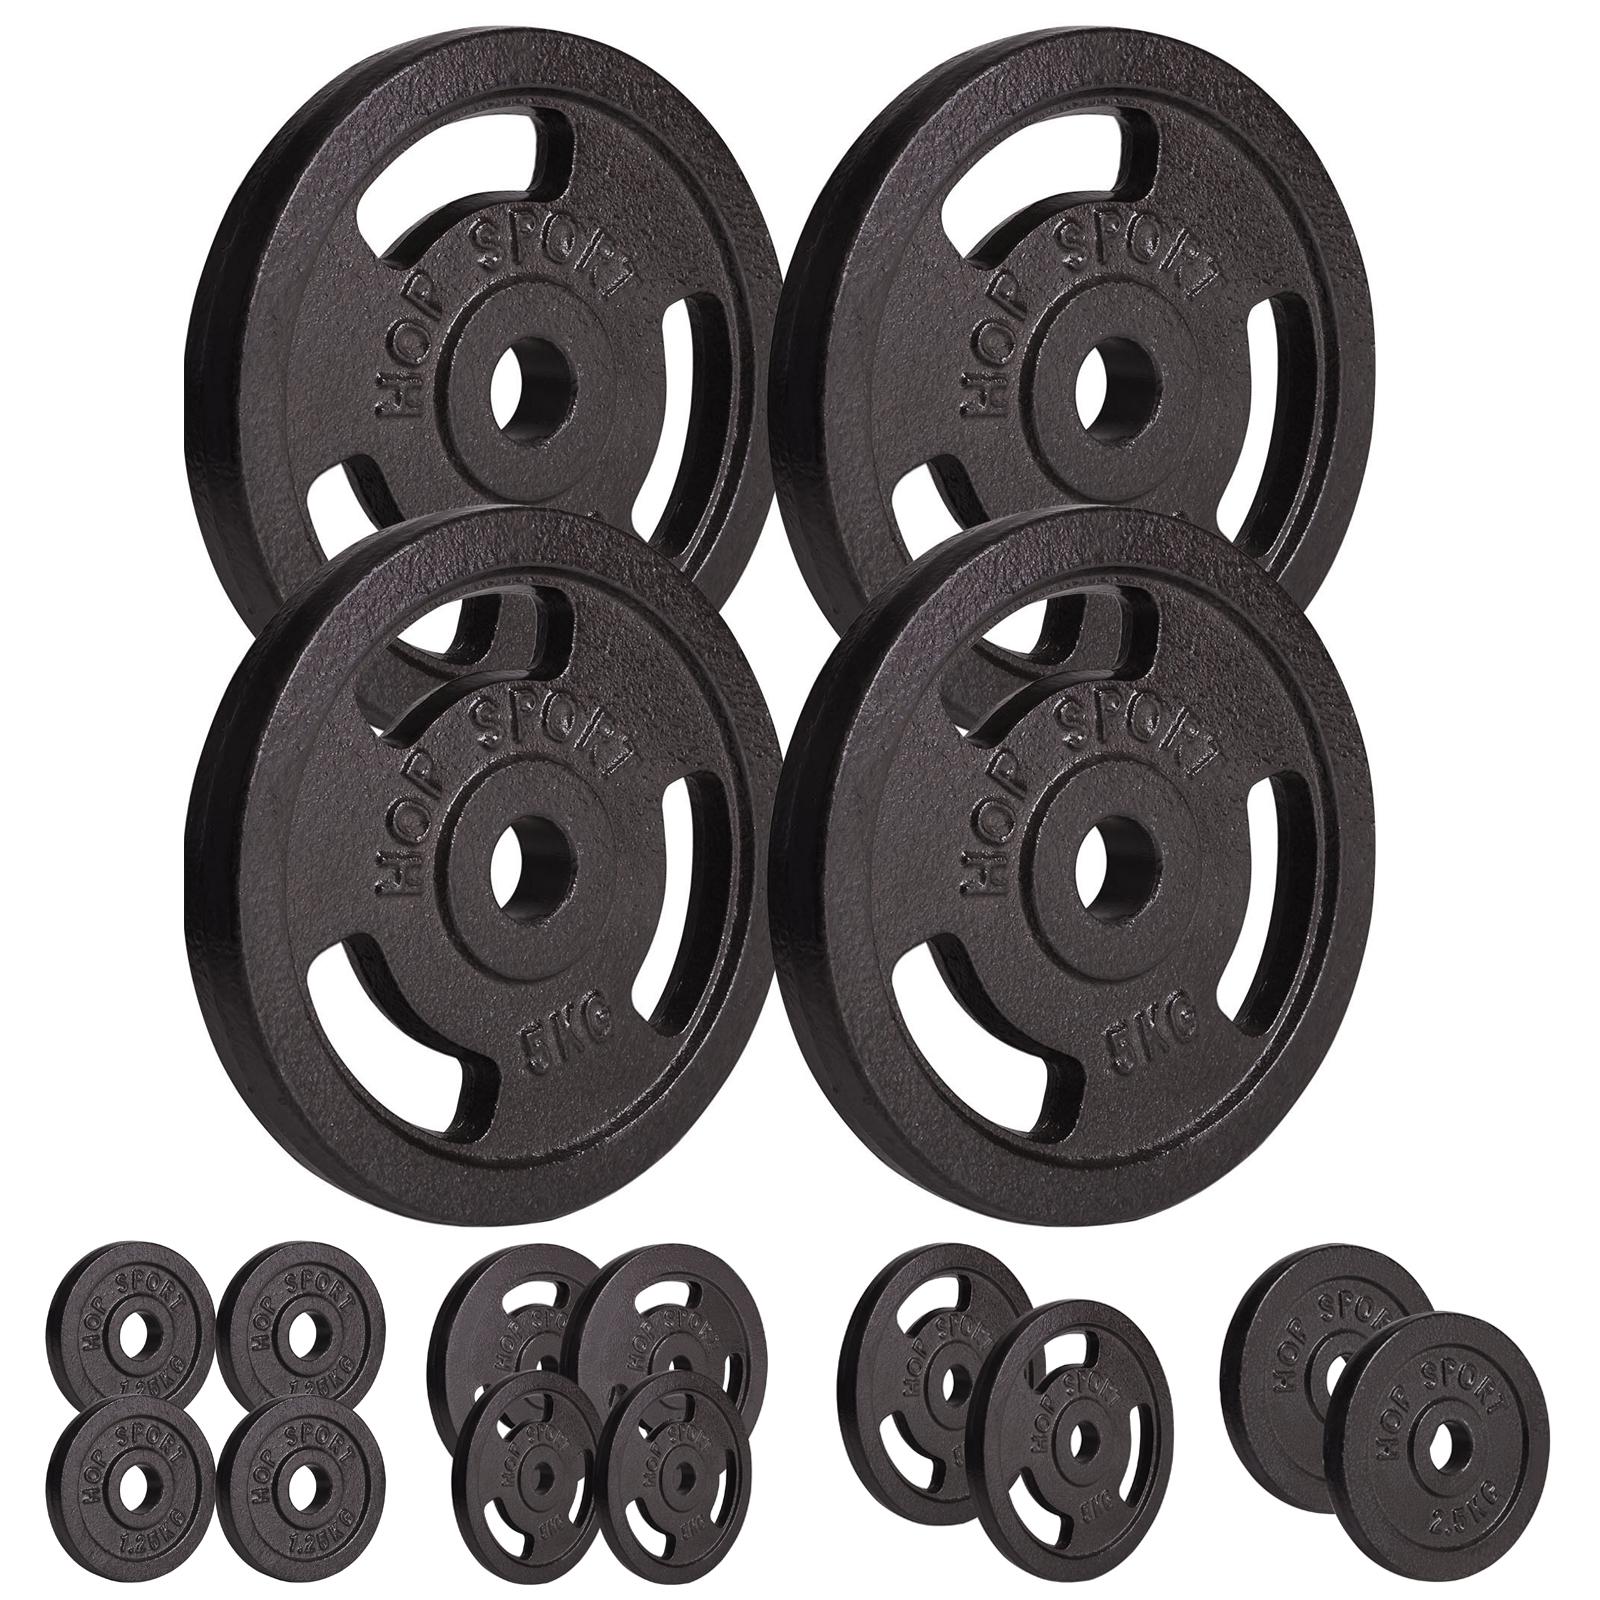 Hantelscheiben 30kg Gusseisen Scheiben 30mm Gewichtsscheiben Gewichte Hantel